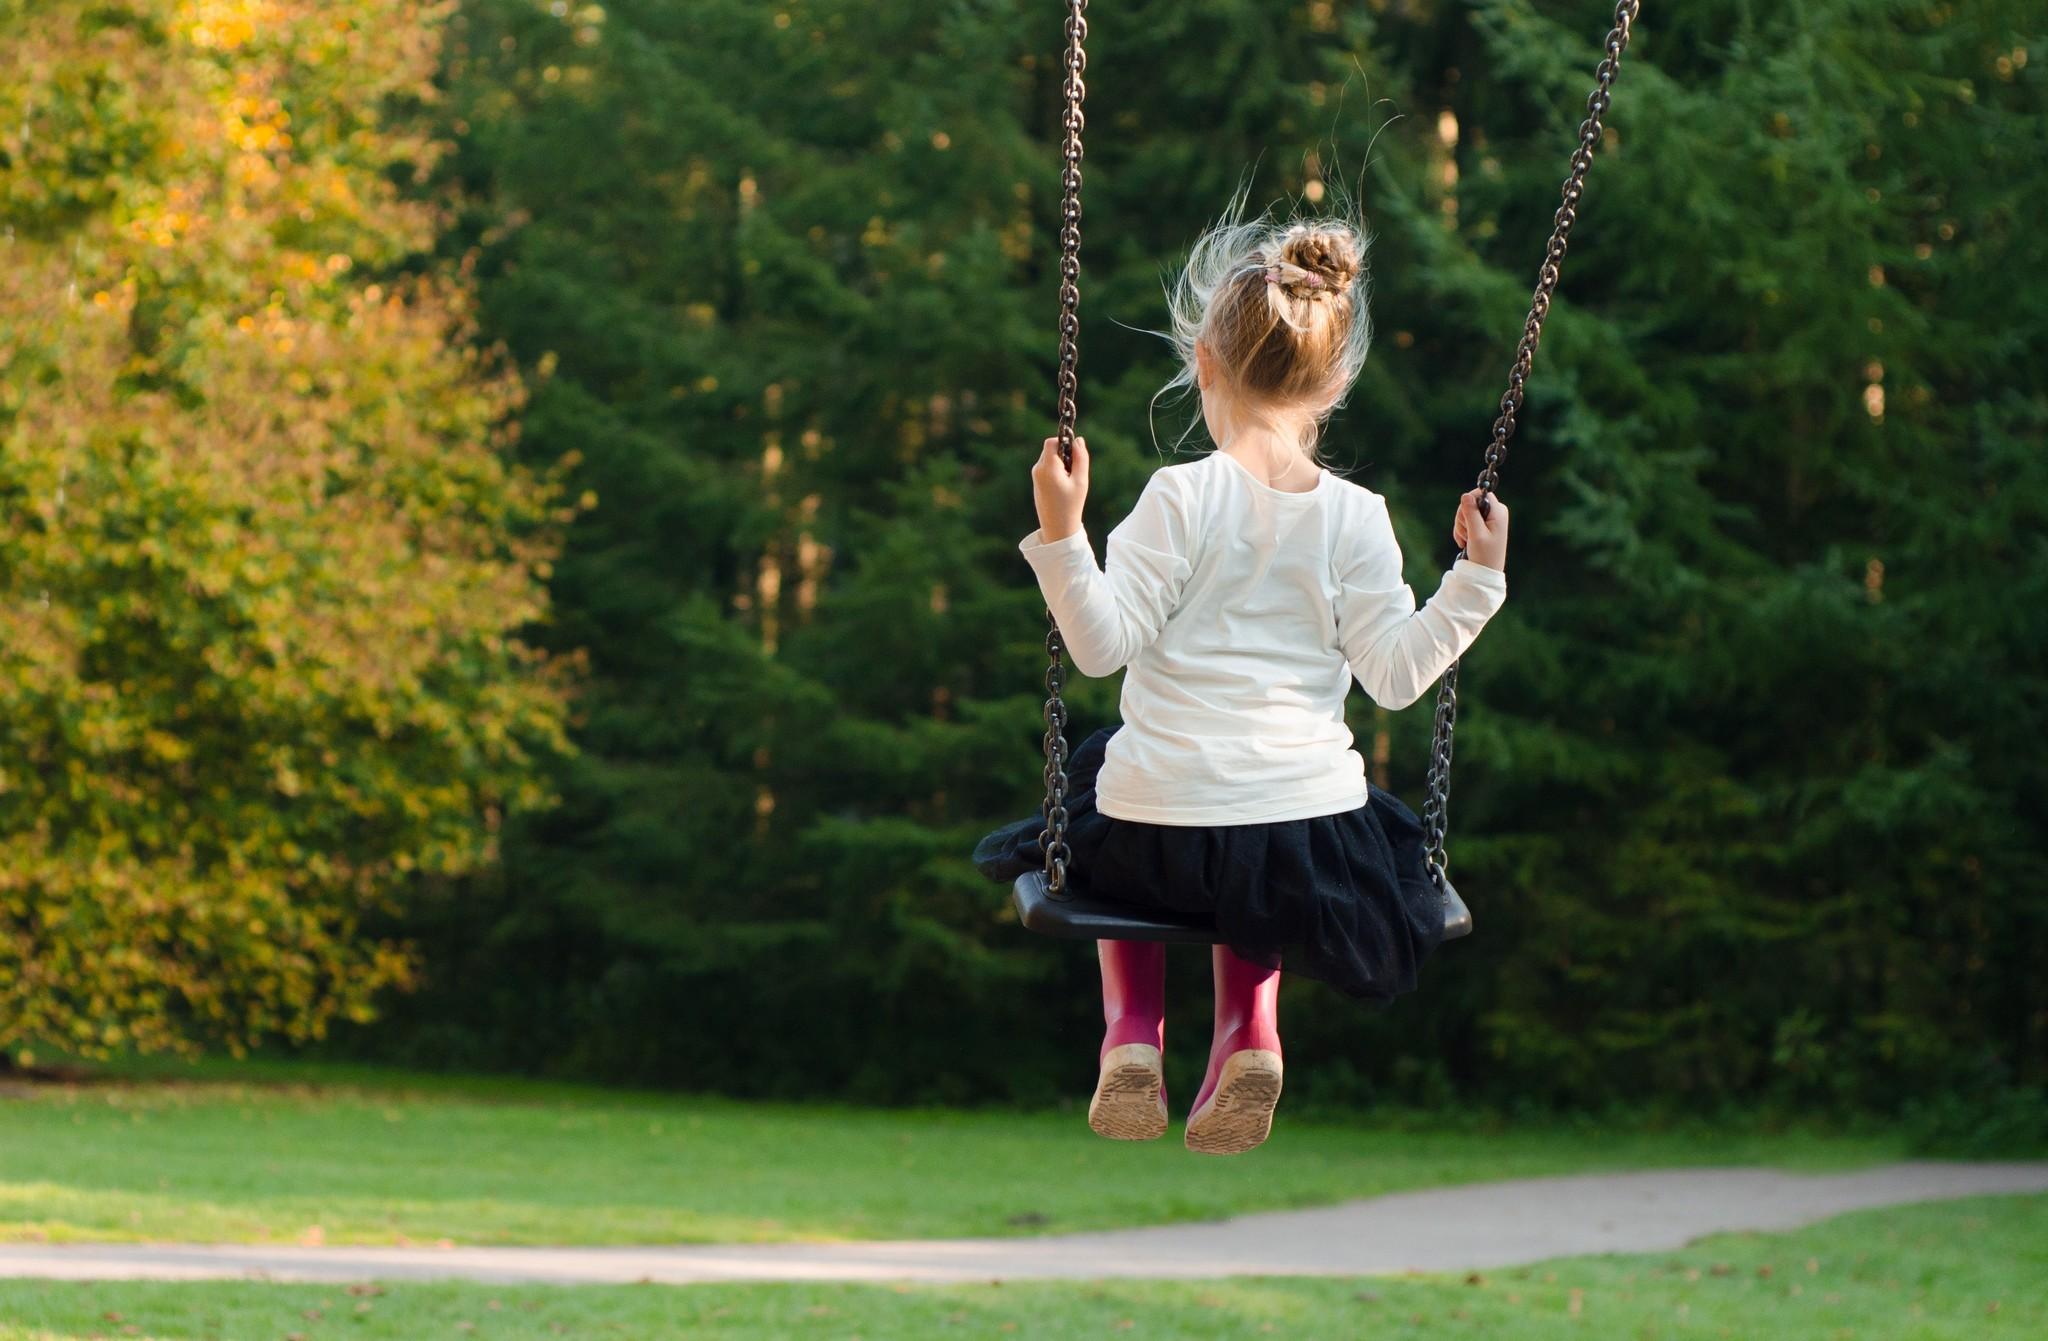 Steeds minder buitenspelende kinderen in Nederland